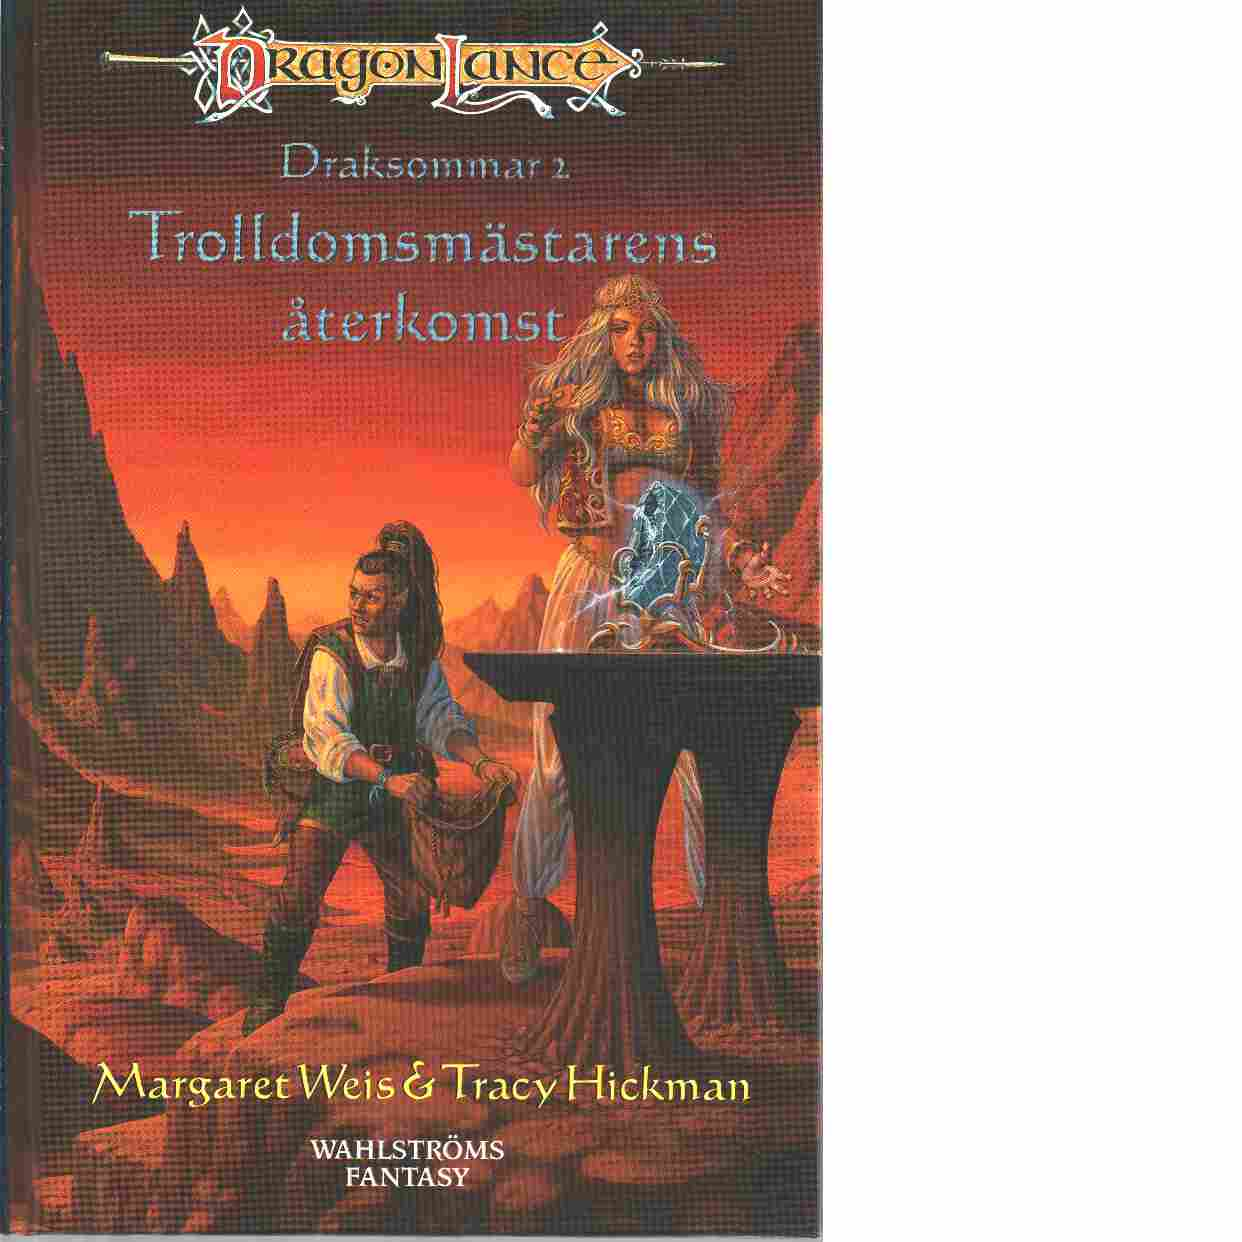 Trolldomsmästarens återkomst - Weis, Margaret